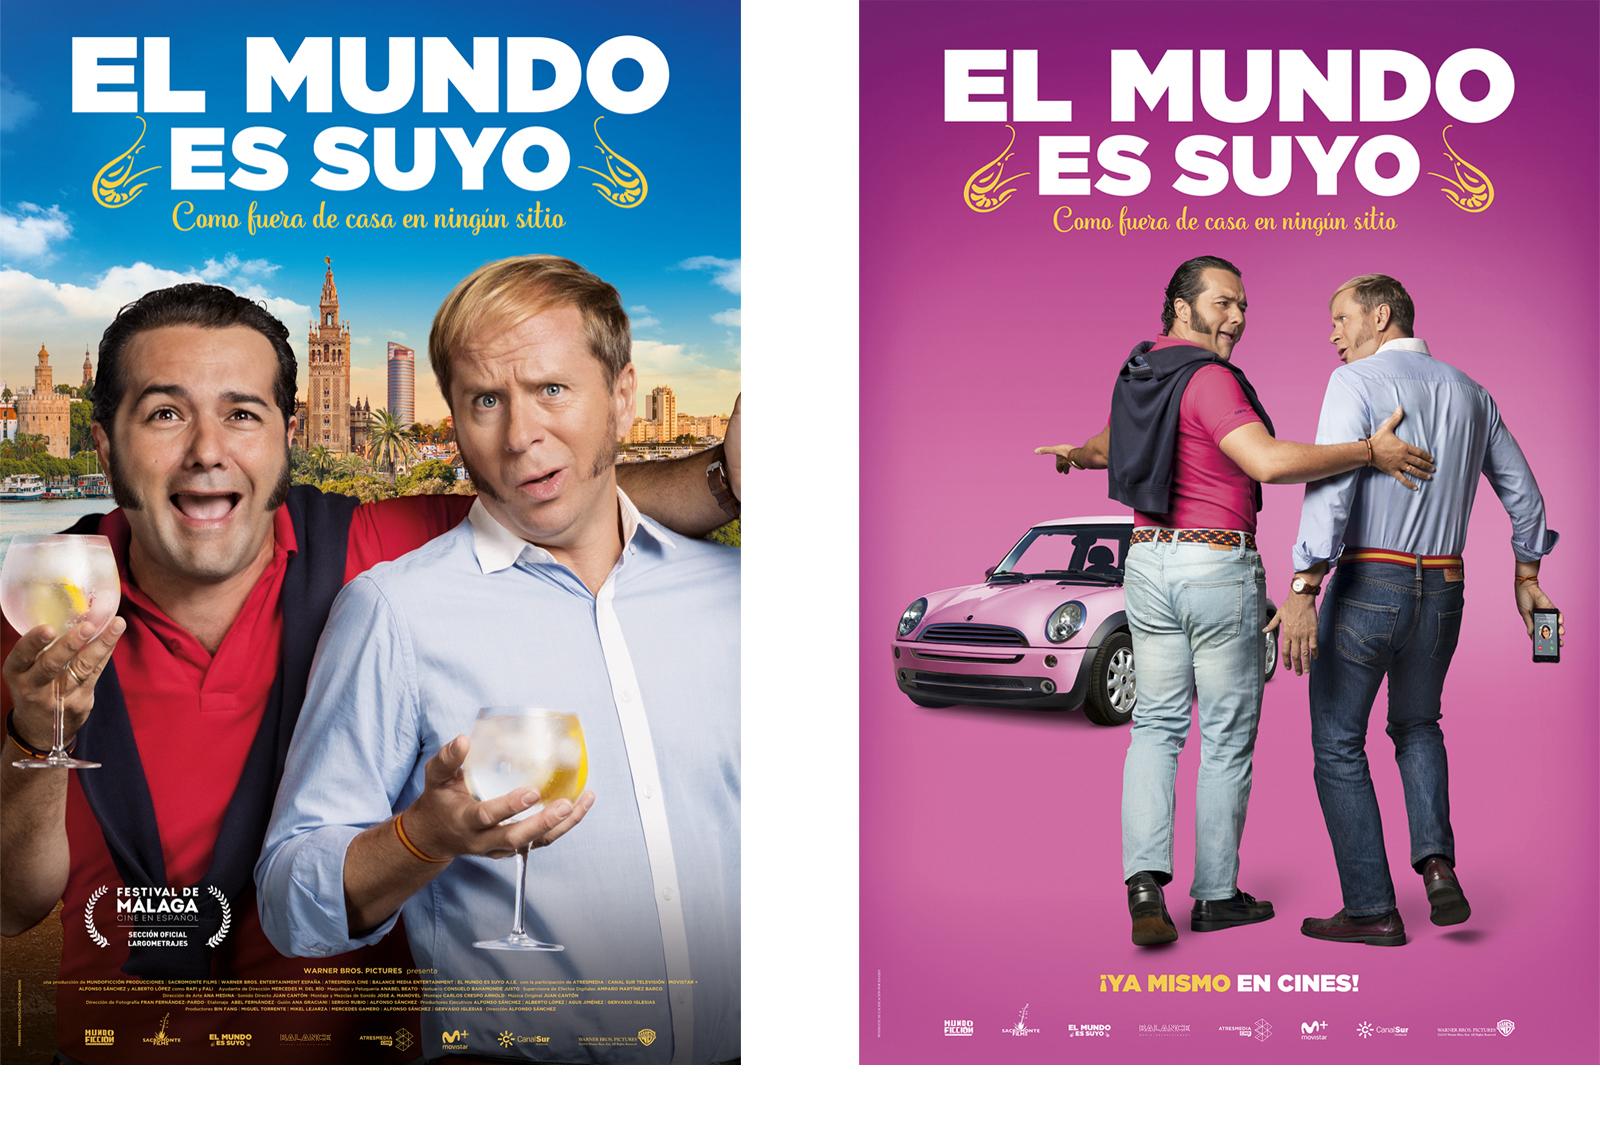 Pedro Cabañas - Design - EL MUNDO ES SUYO